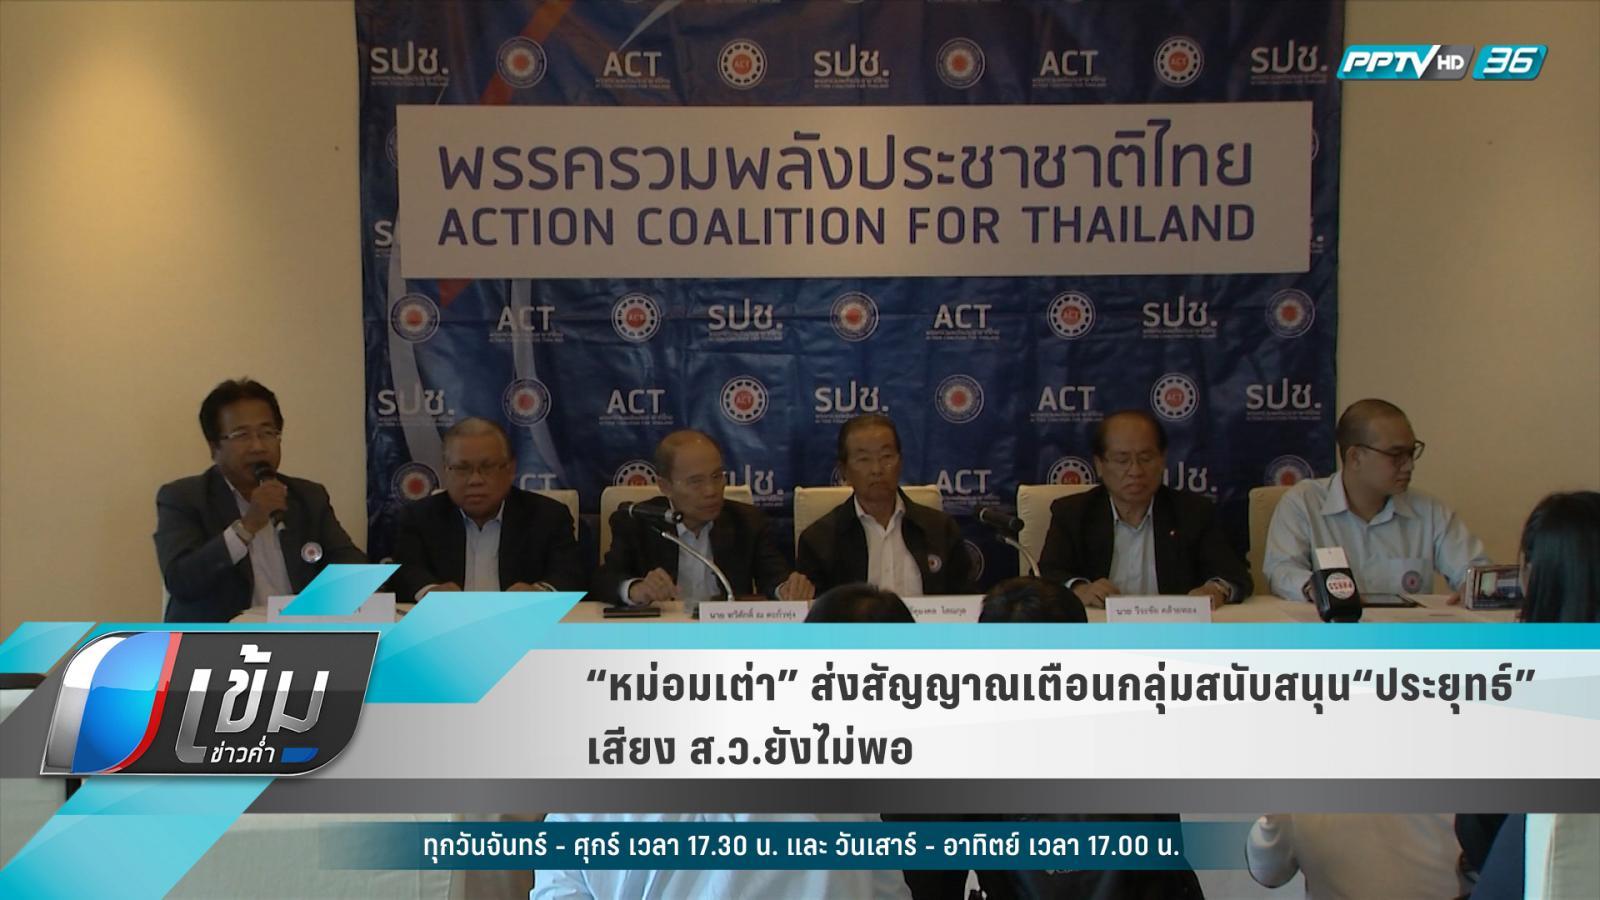 """""""หม่อมเต่า"""" ย้ำรวมพลังประชาชาติไทย พร้อมเป็นพรรคร่วมรัฐบาล"""